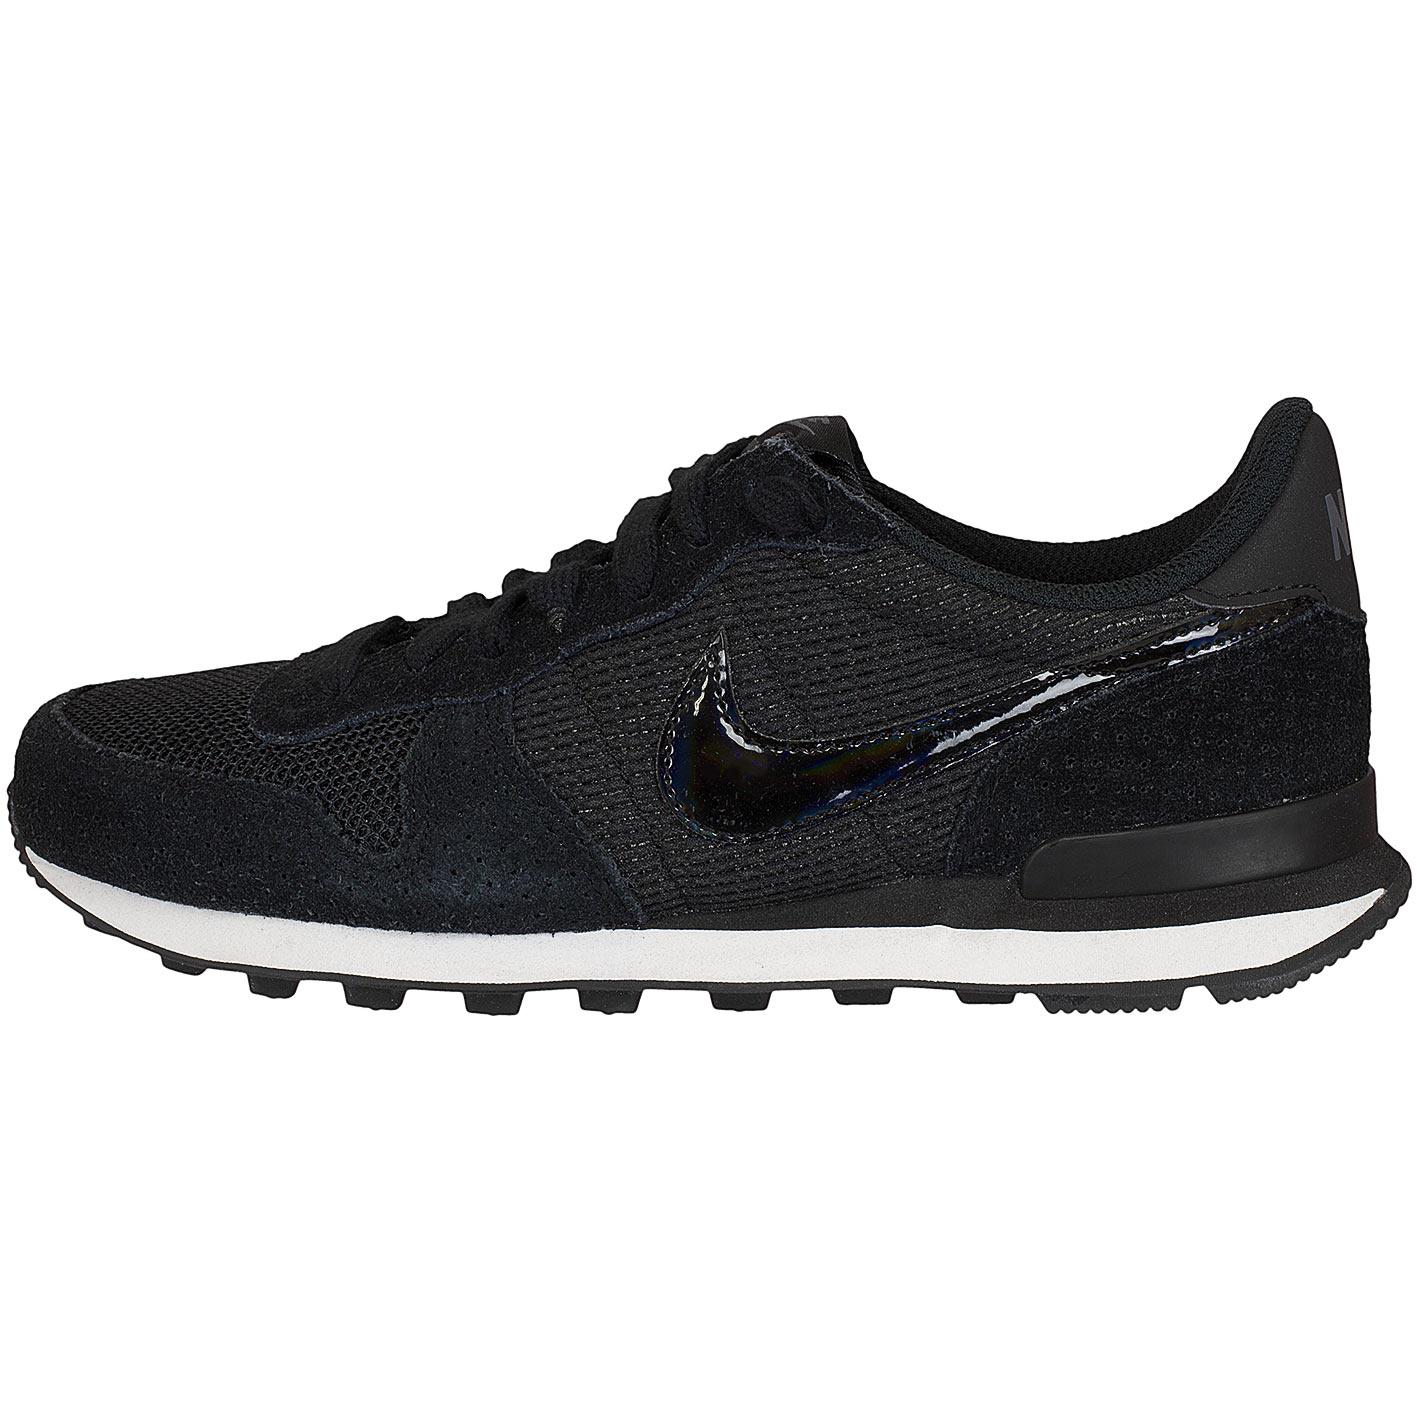 ☆ Nike Damen Sneaker Internationalist schwarz/weiß - hier bestellen!